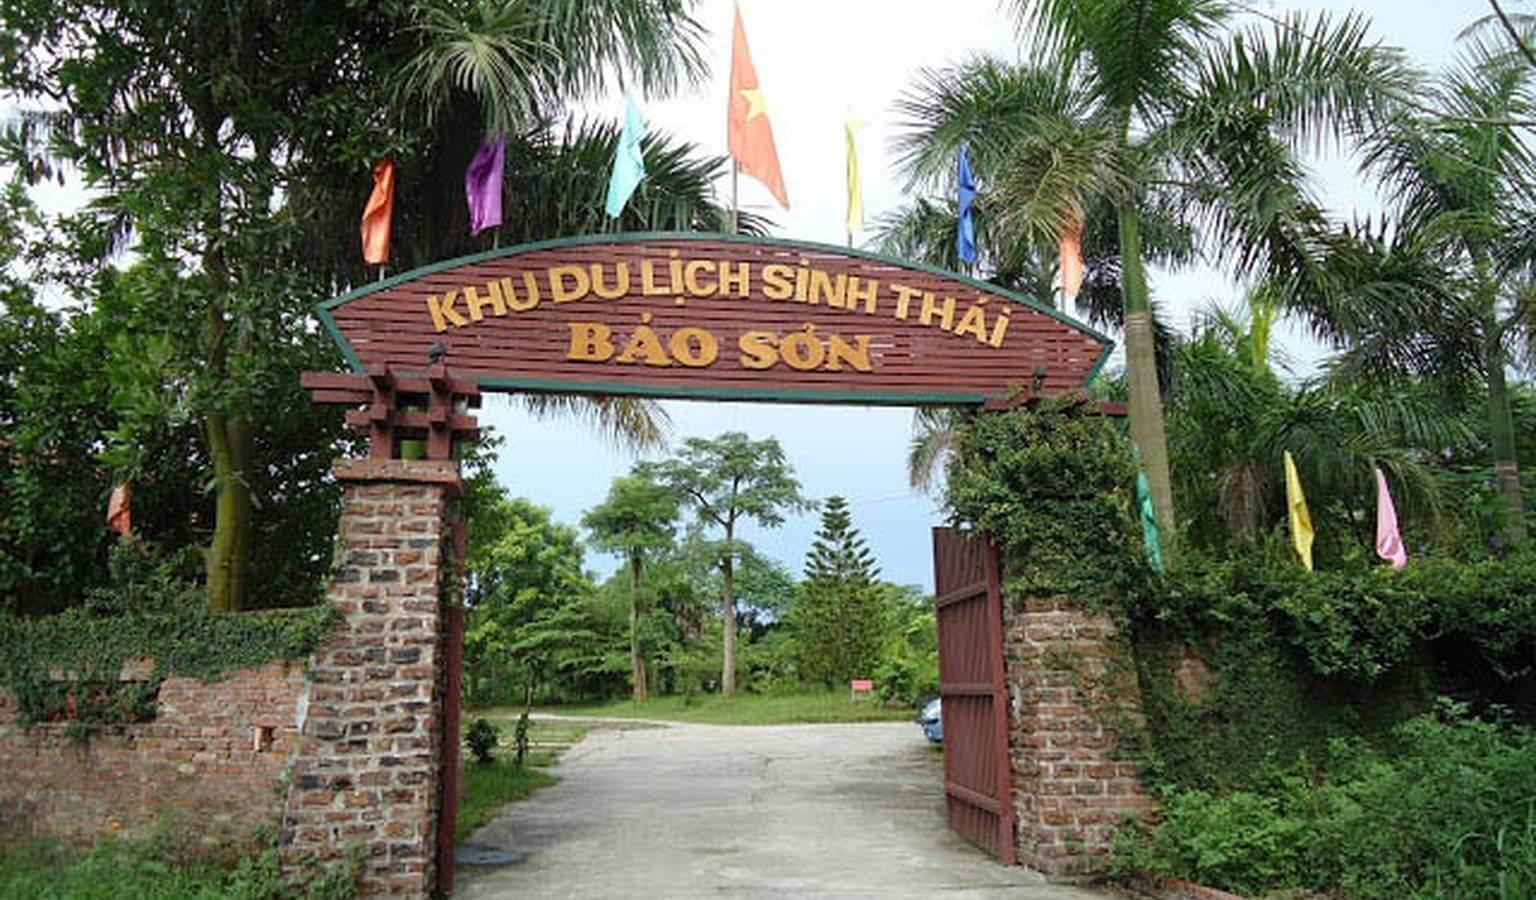 Khu du lịch sinh thái Bảo Sơn.